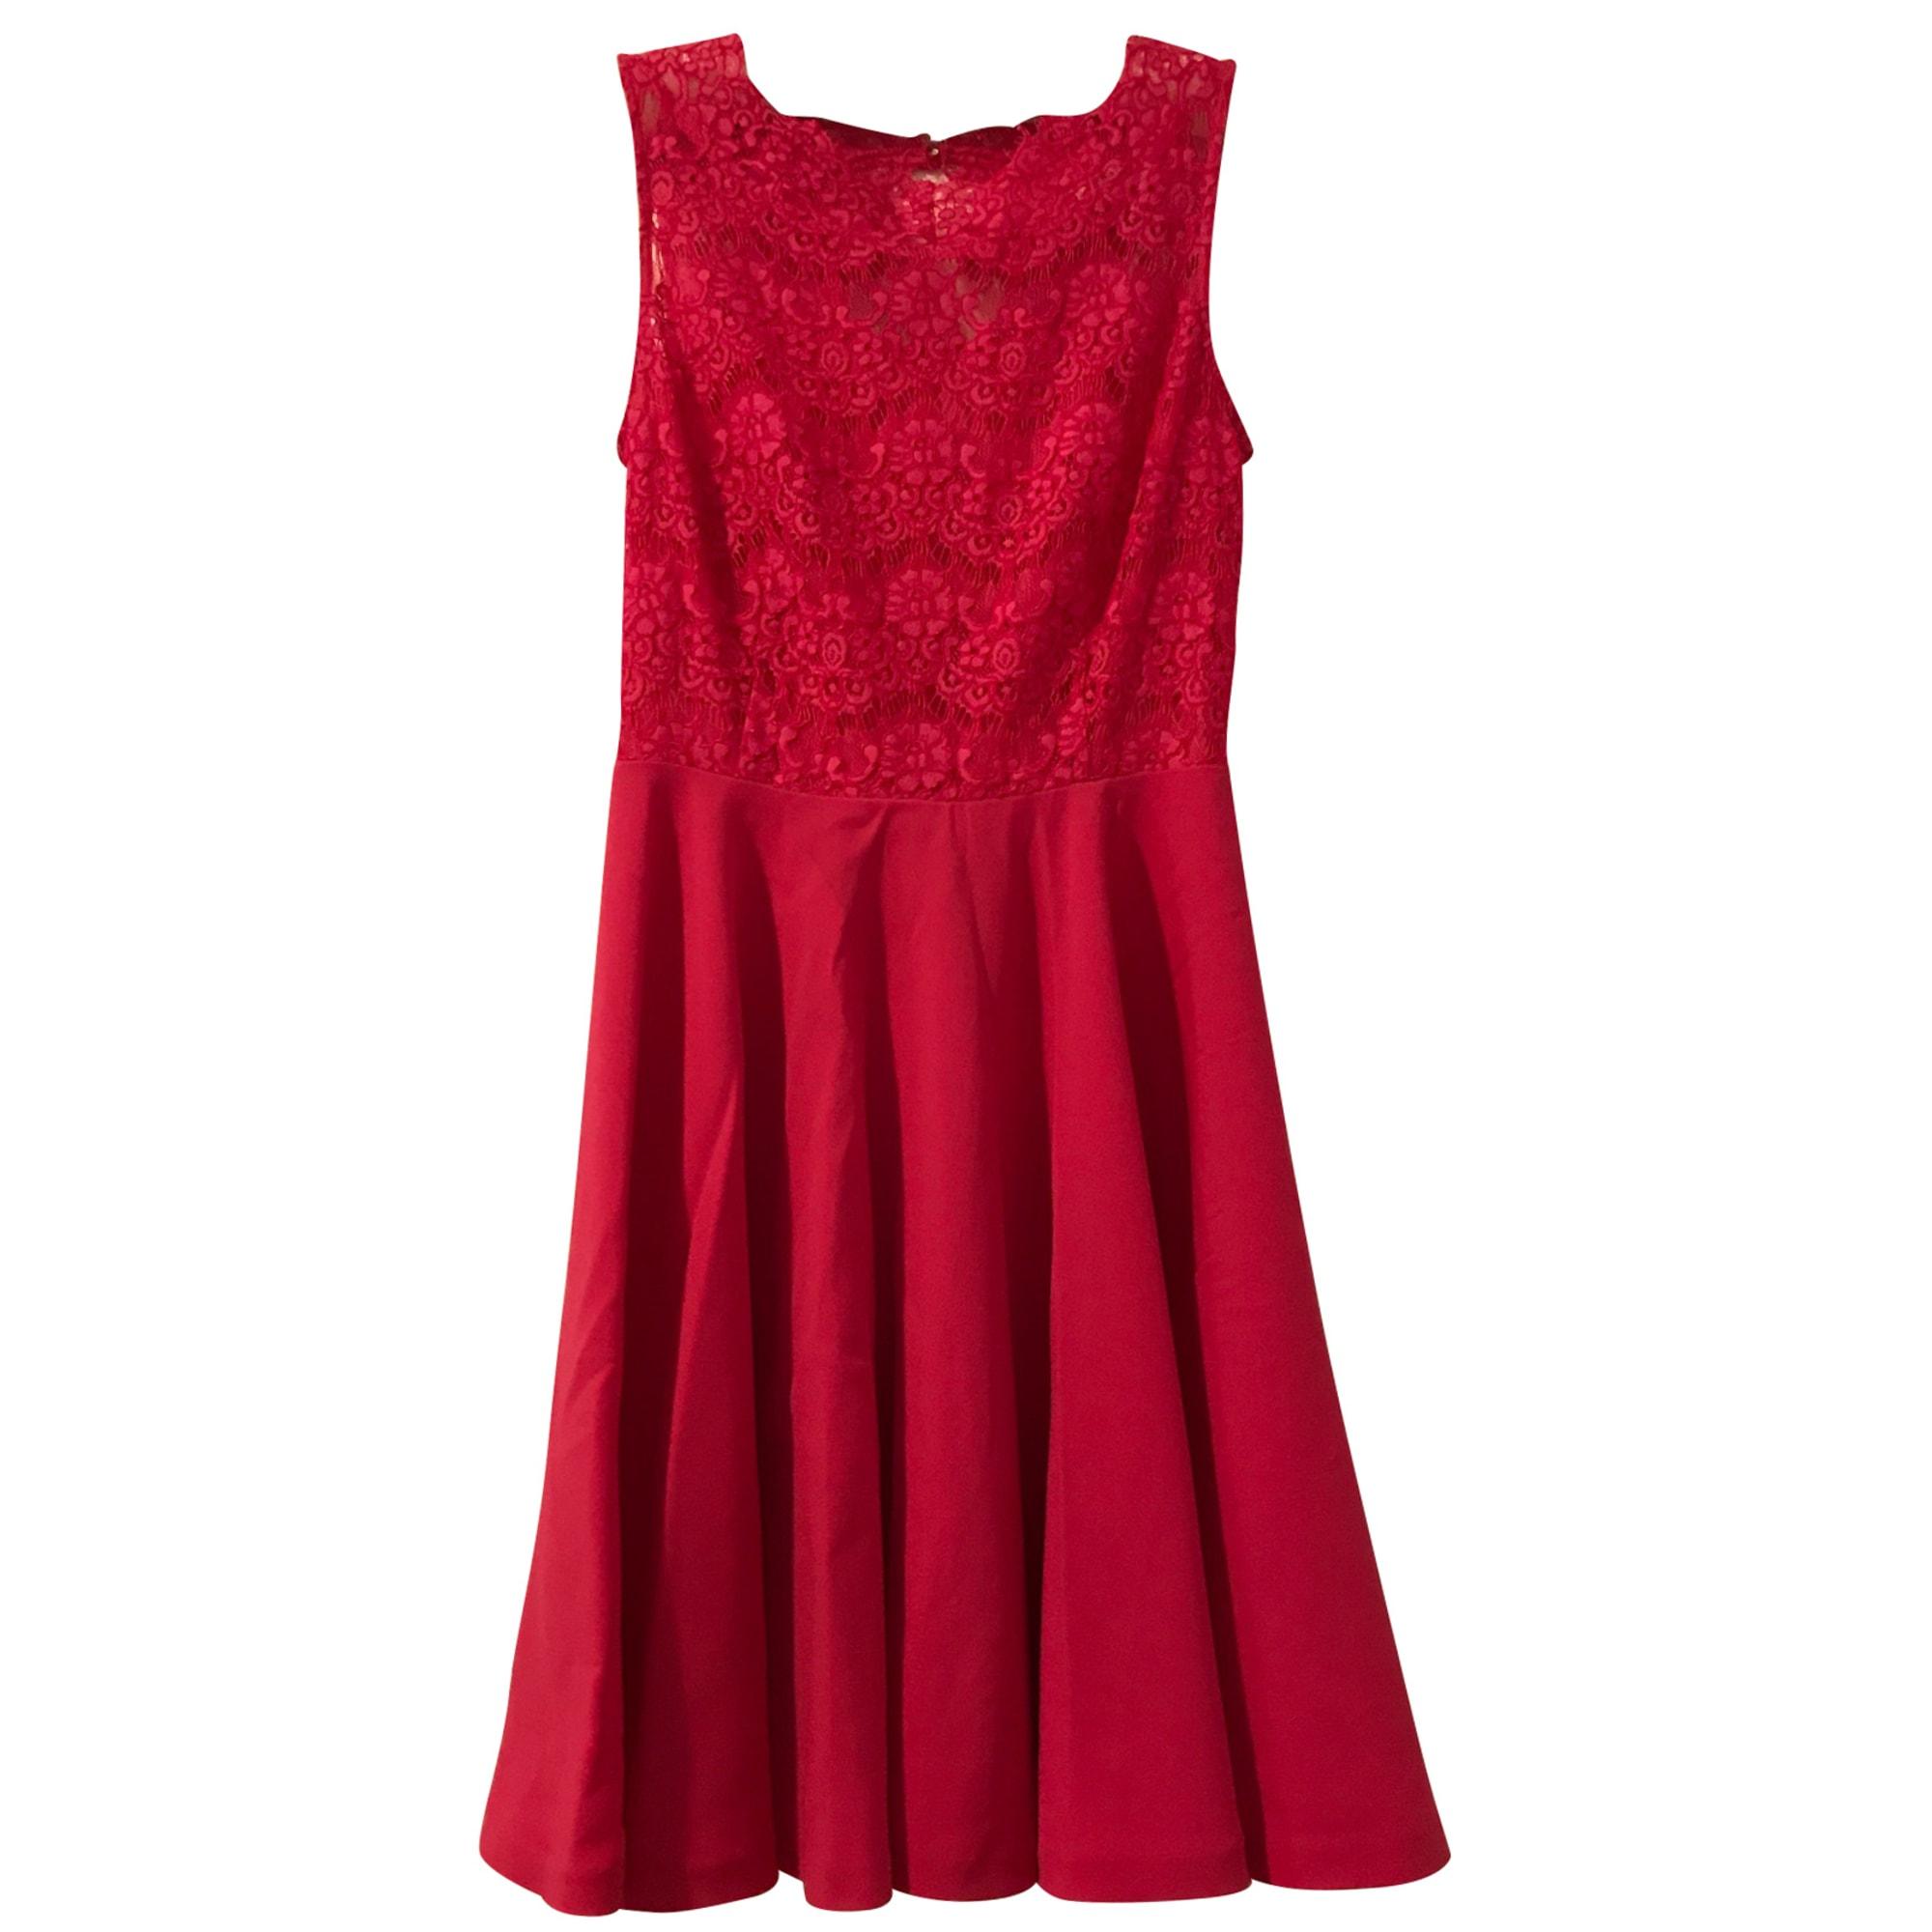 Backless Dress CLAUDIE PIERLOT Pink, fuchsia, light pink